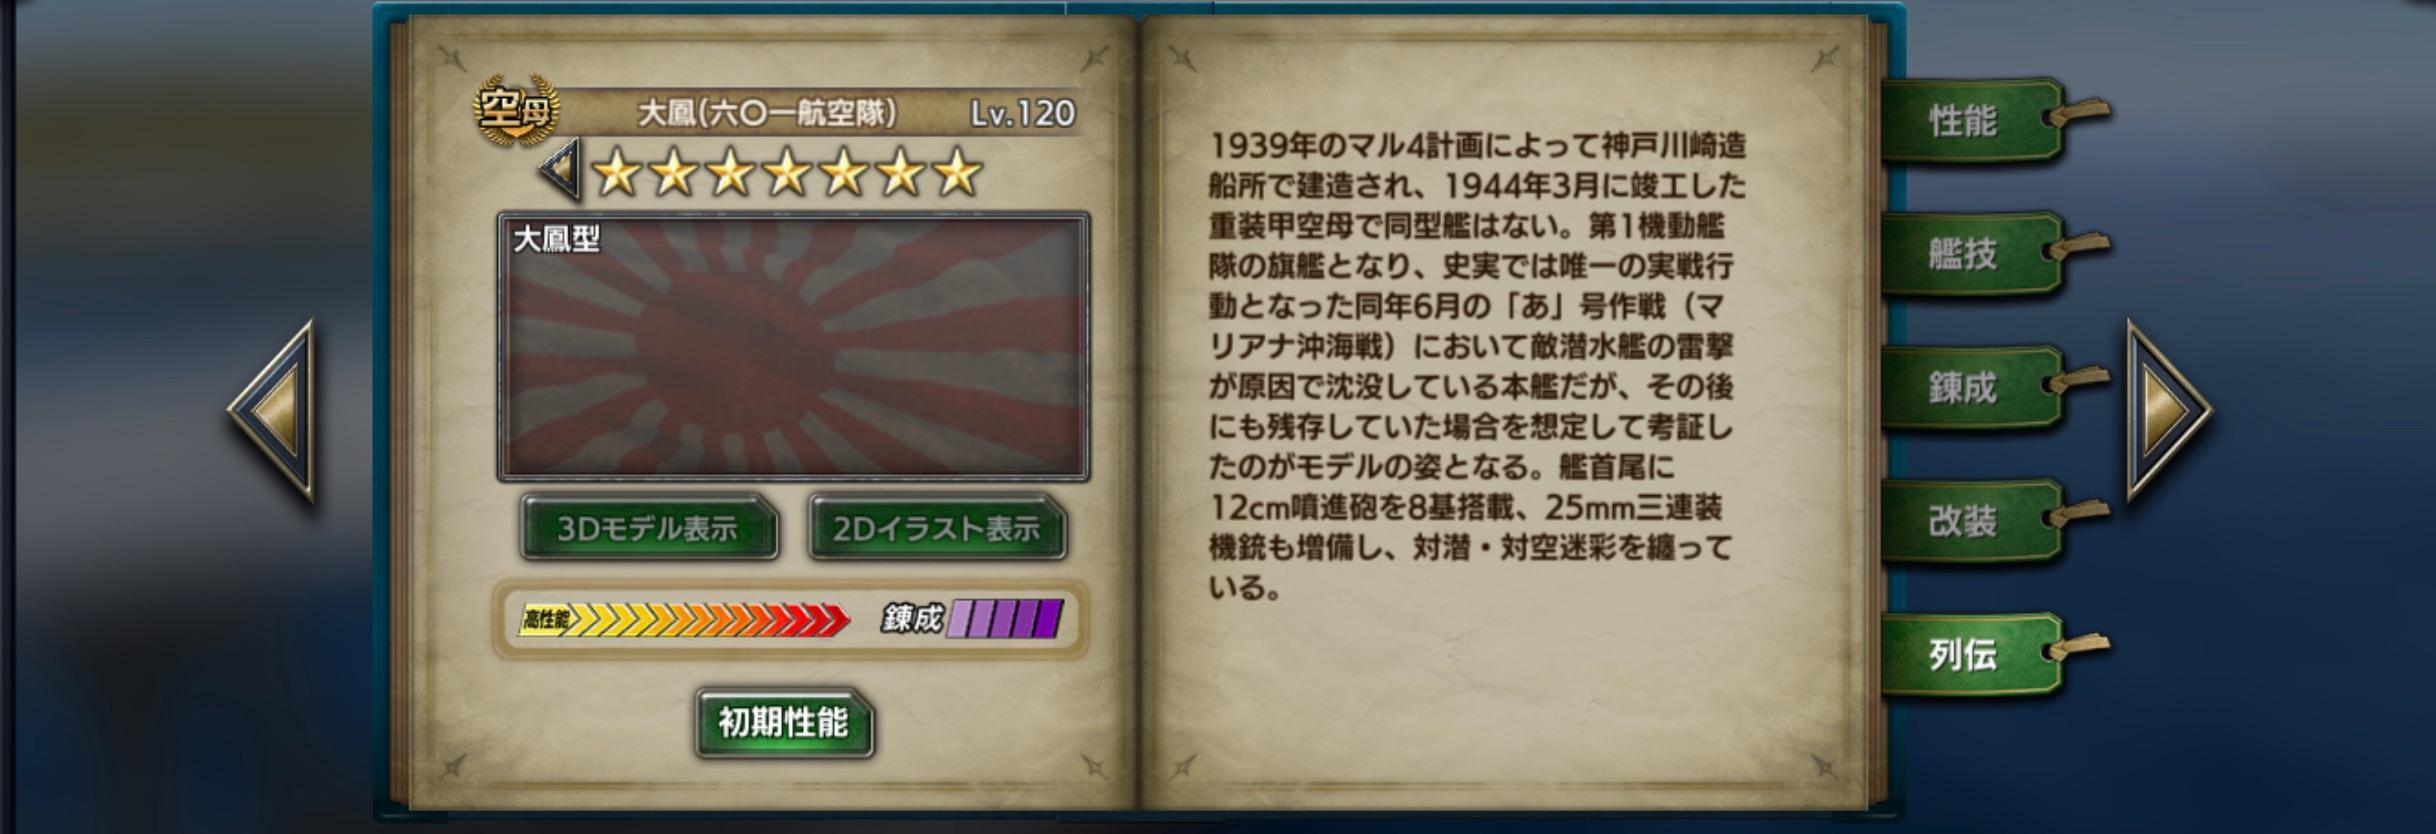 Taiho6-history